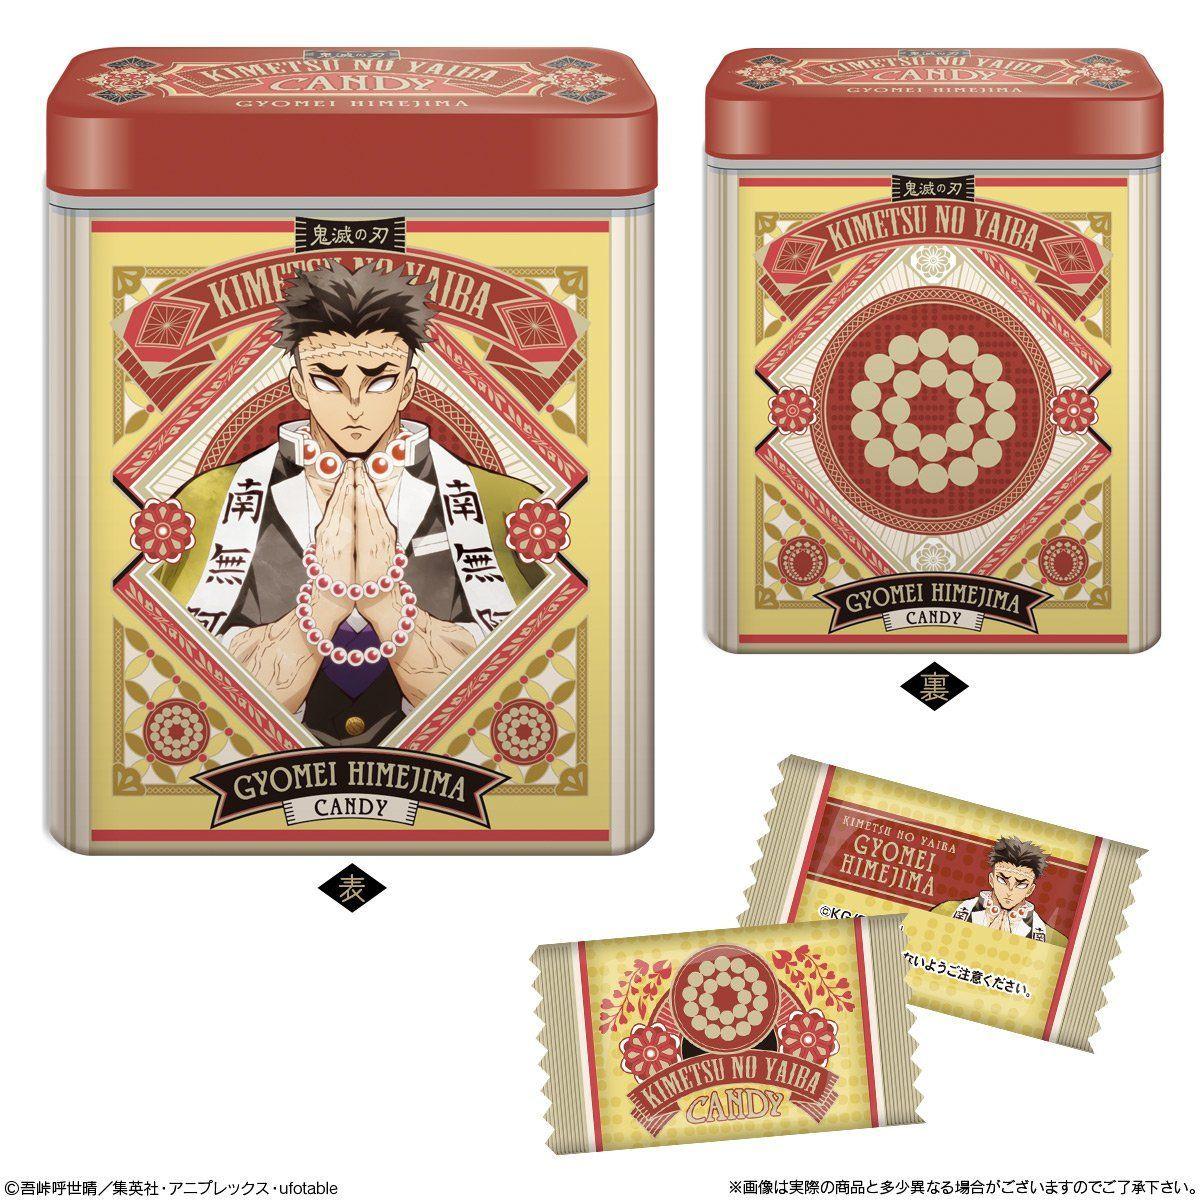 【食玩】『鬼滅の刃 CANDY缶コレクション2』12個入りBOX-008